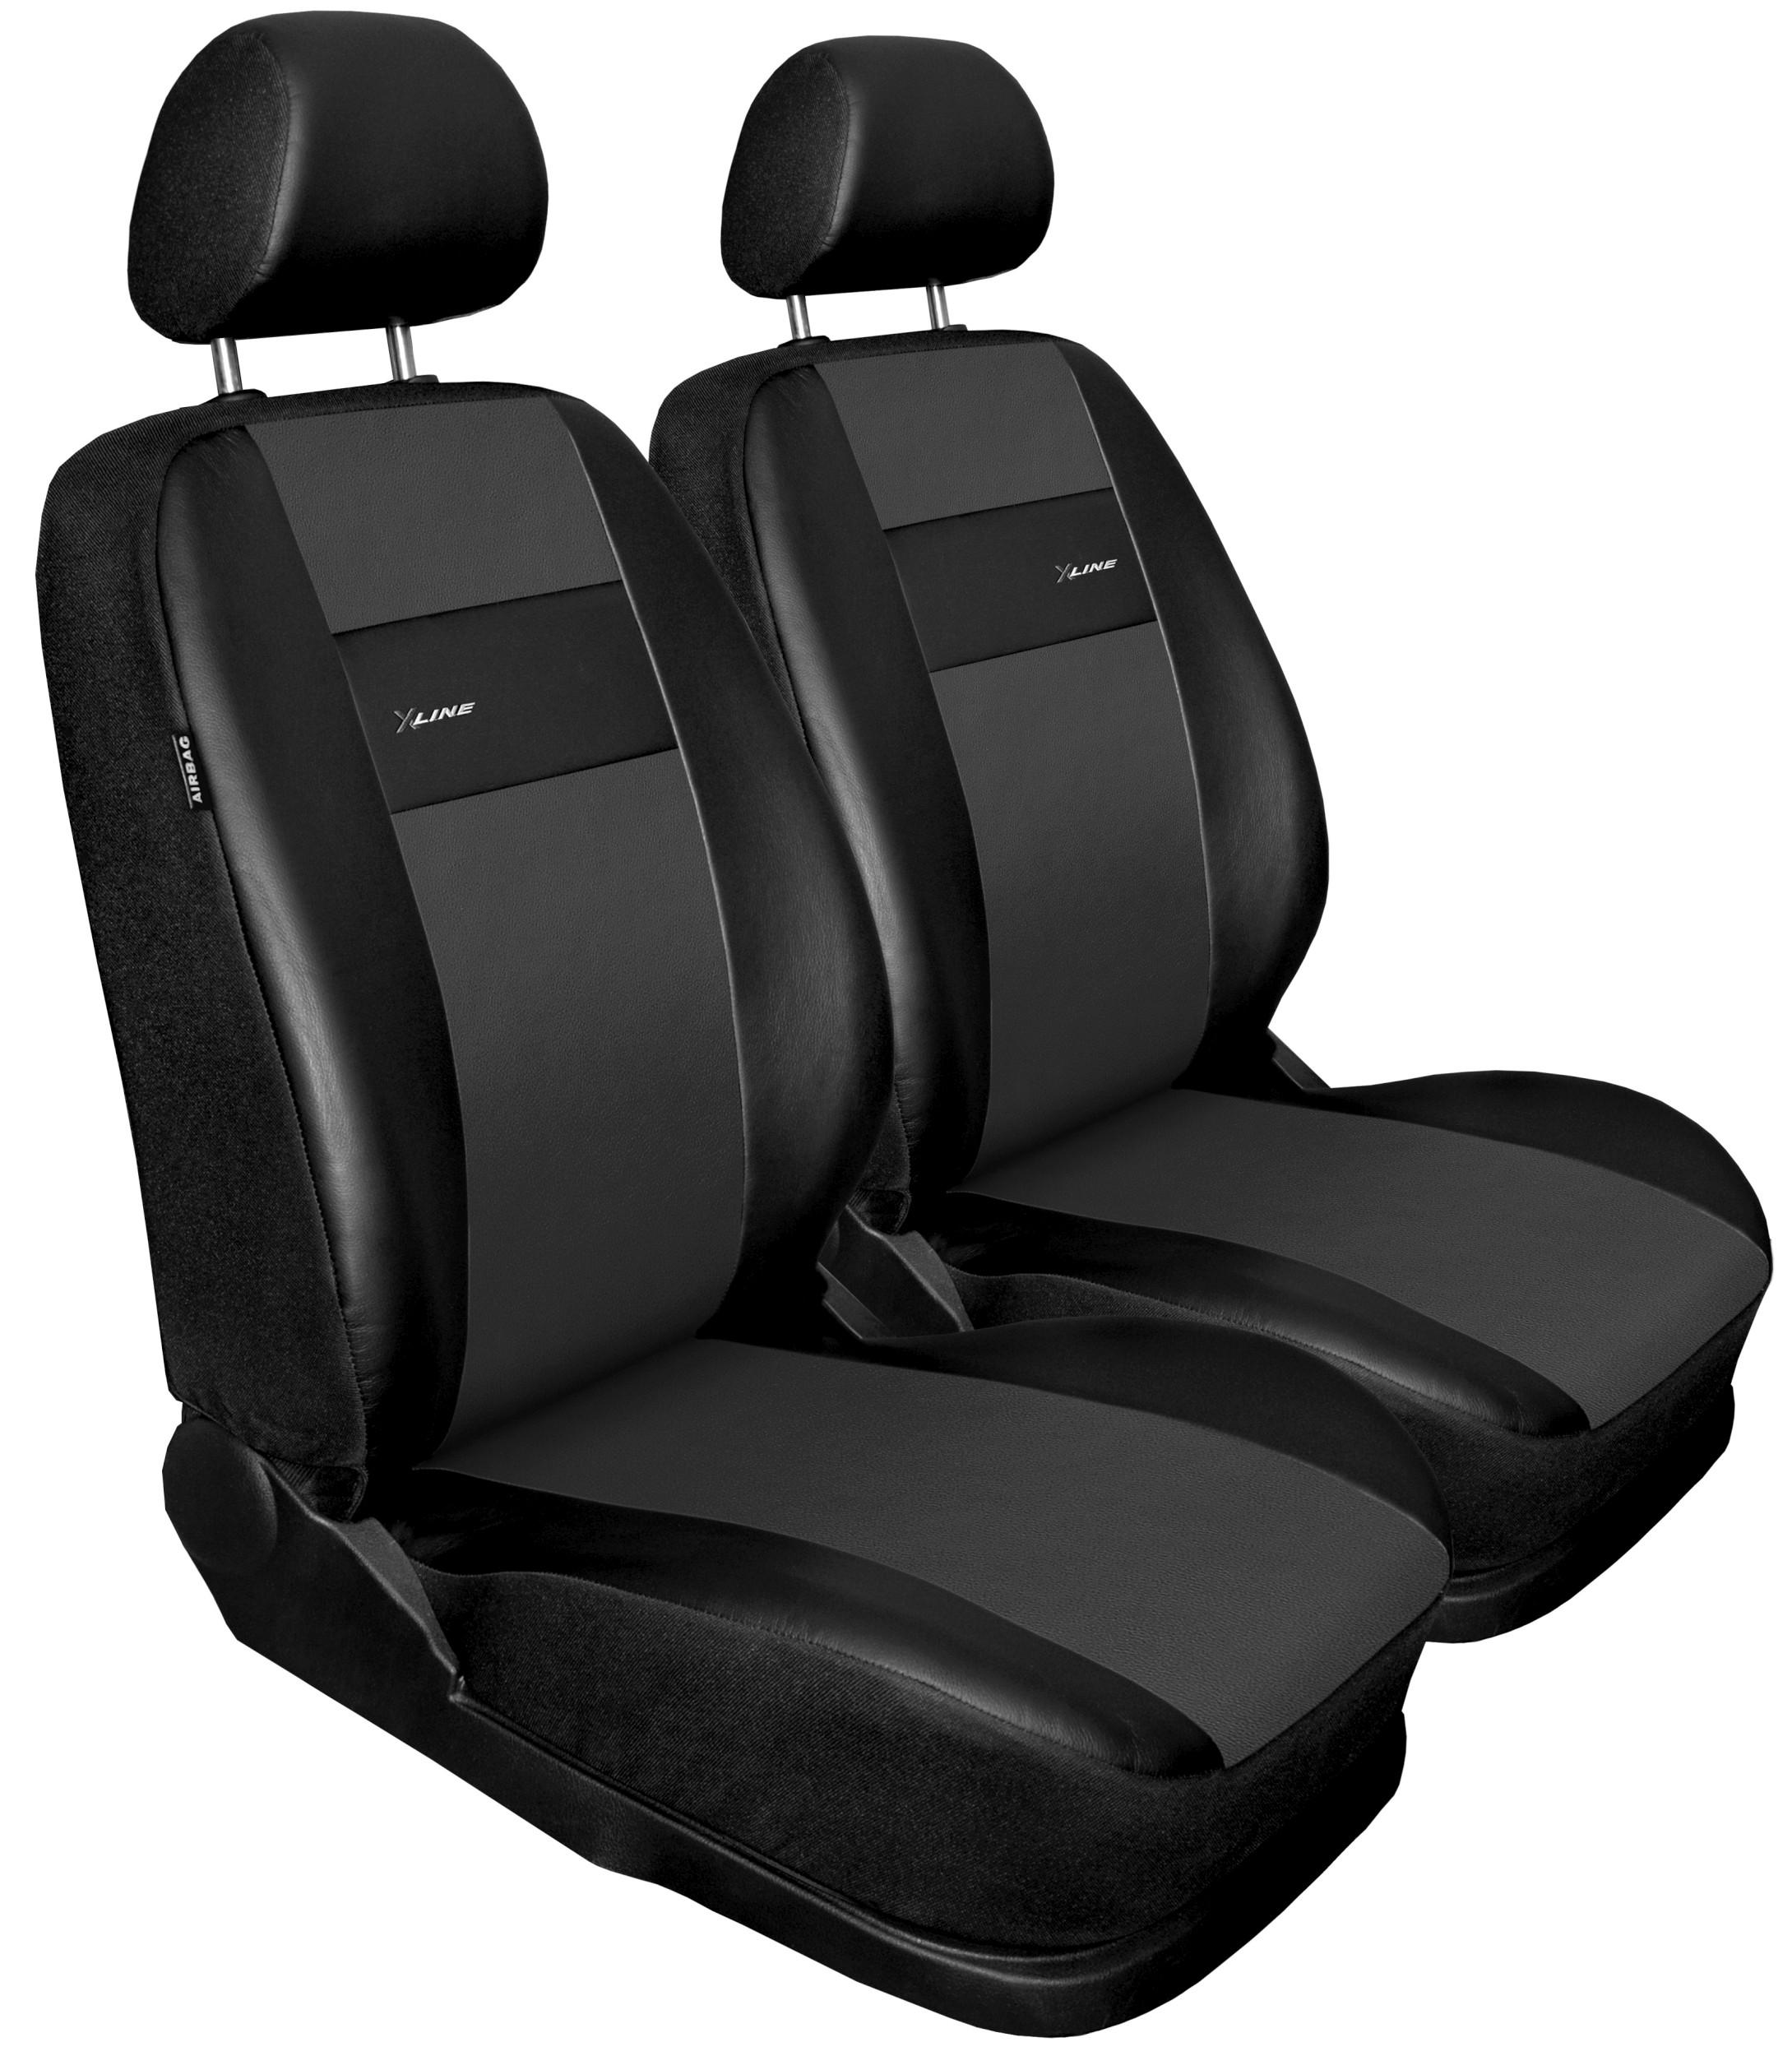 Autopotahy X-LINE kožené, sada pro dvě sedadla, šedé